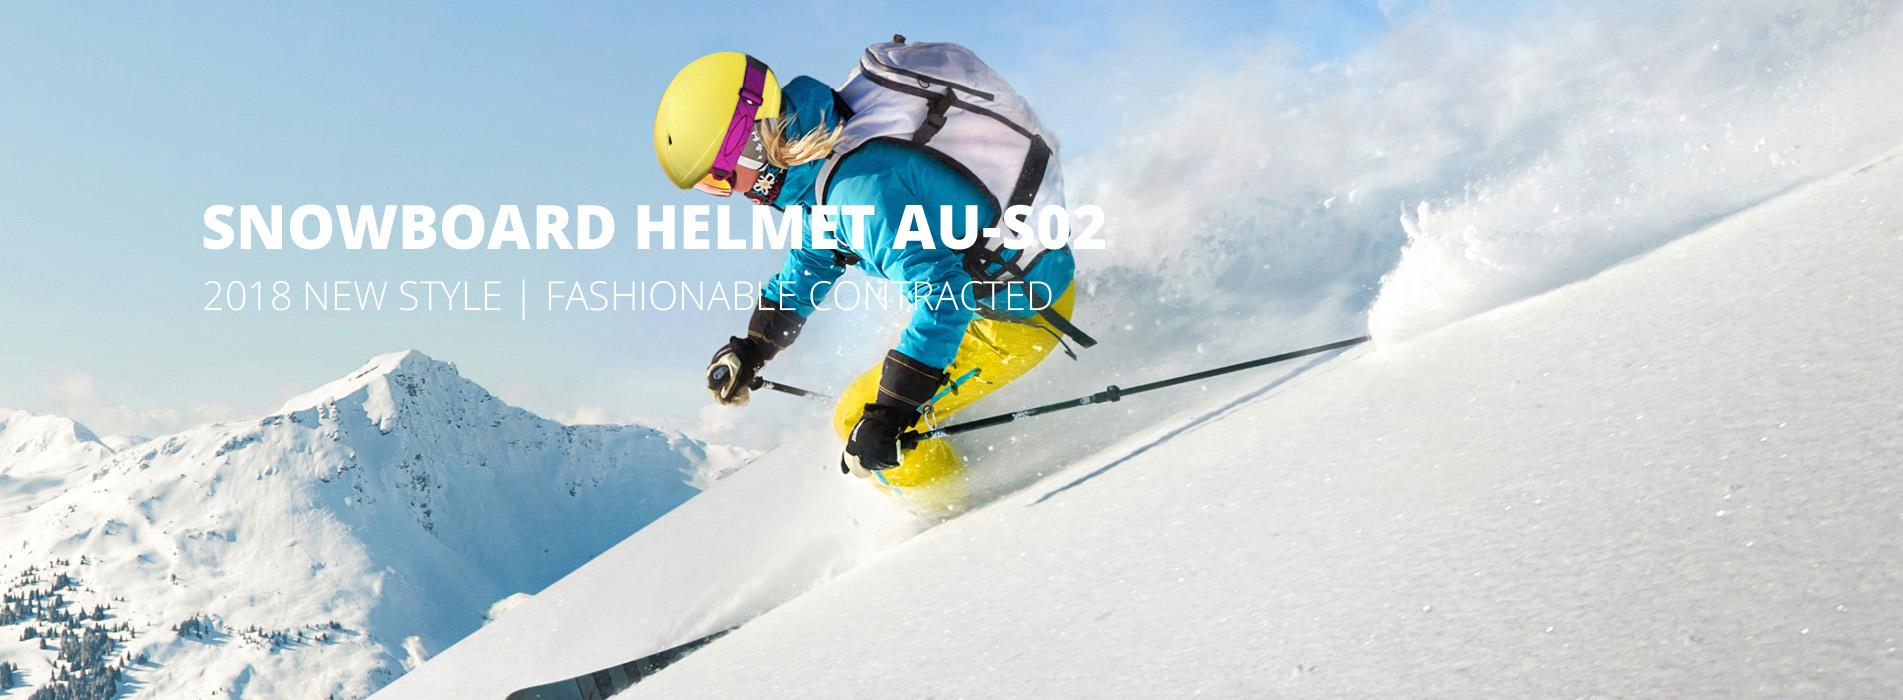 snowboard safety helmet